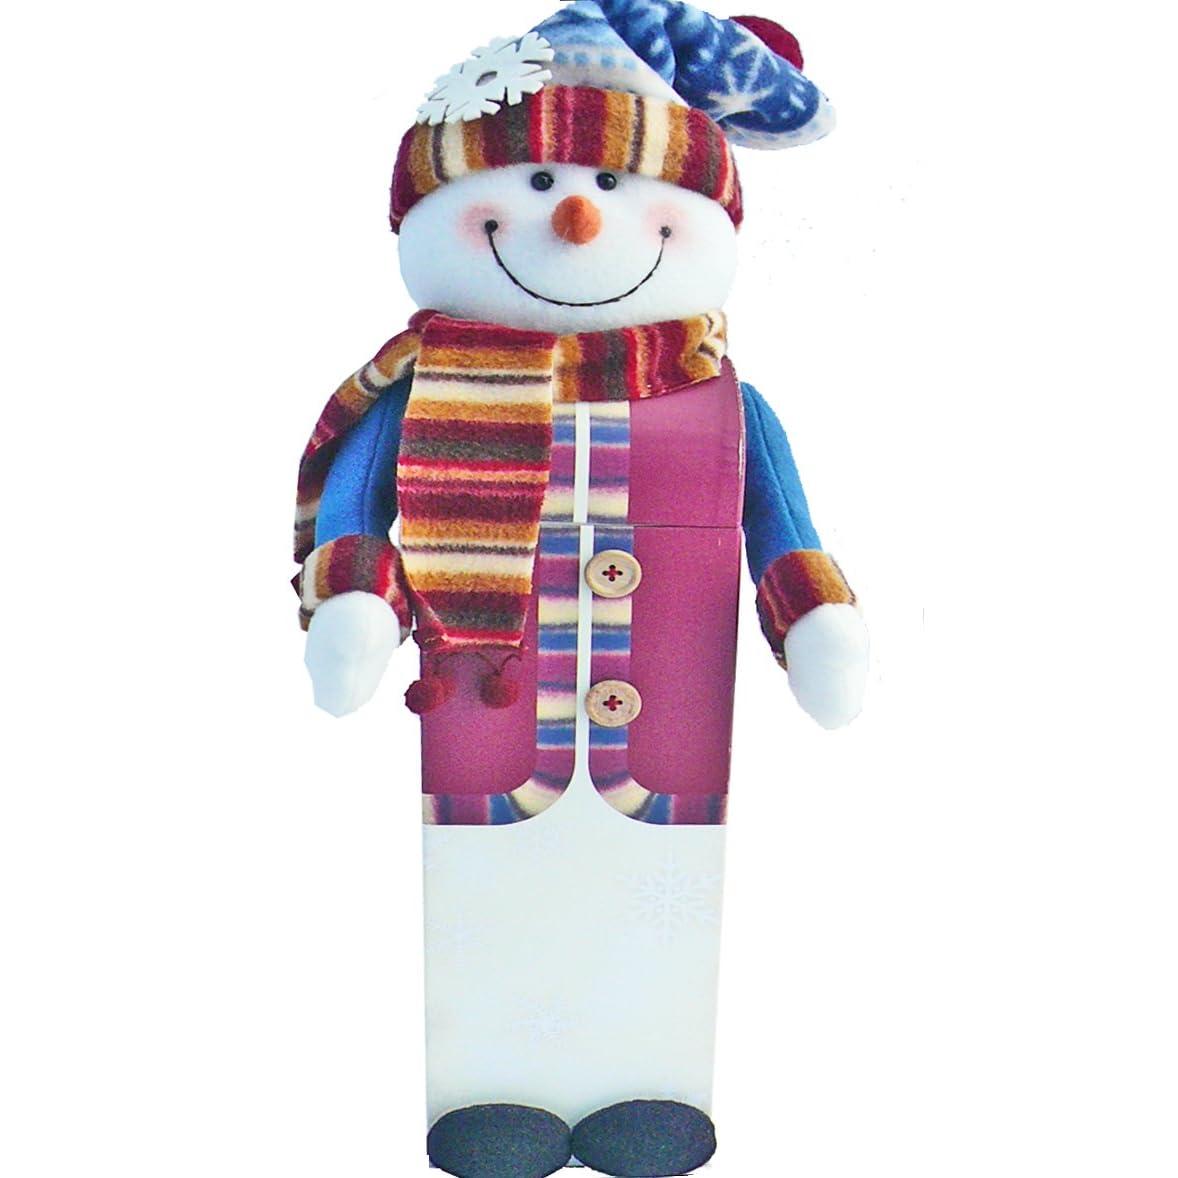 Caixa de presente do boneco de neve de férias Treats, cesta do presente de Natal